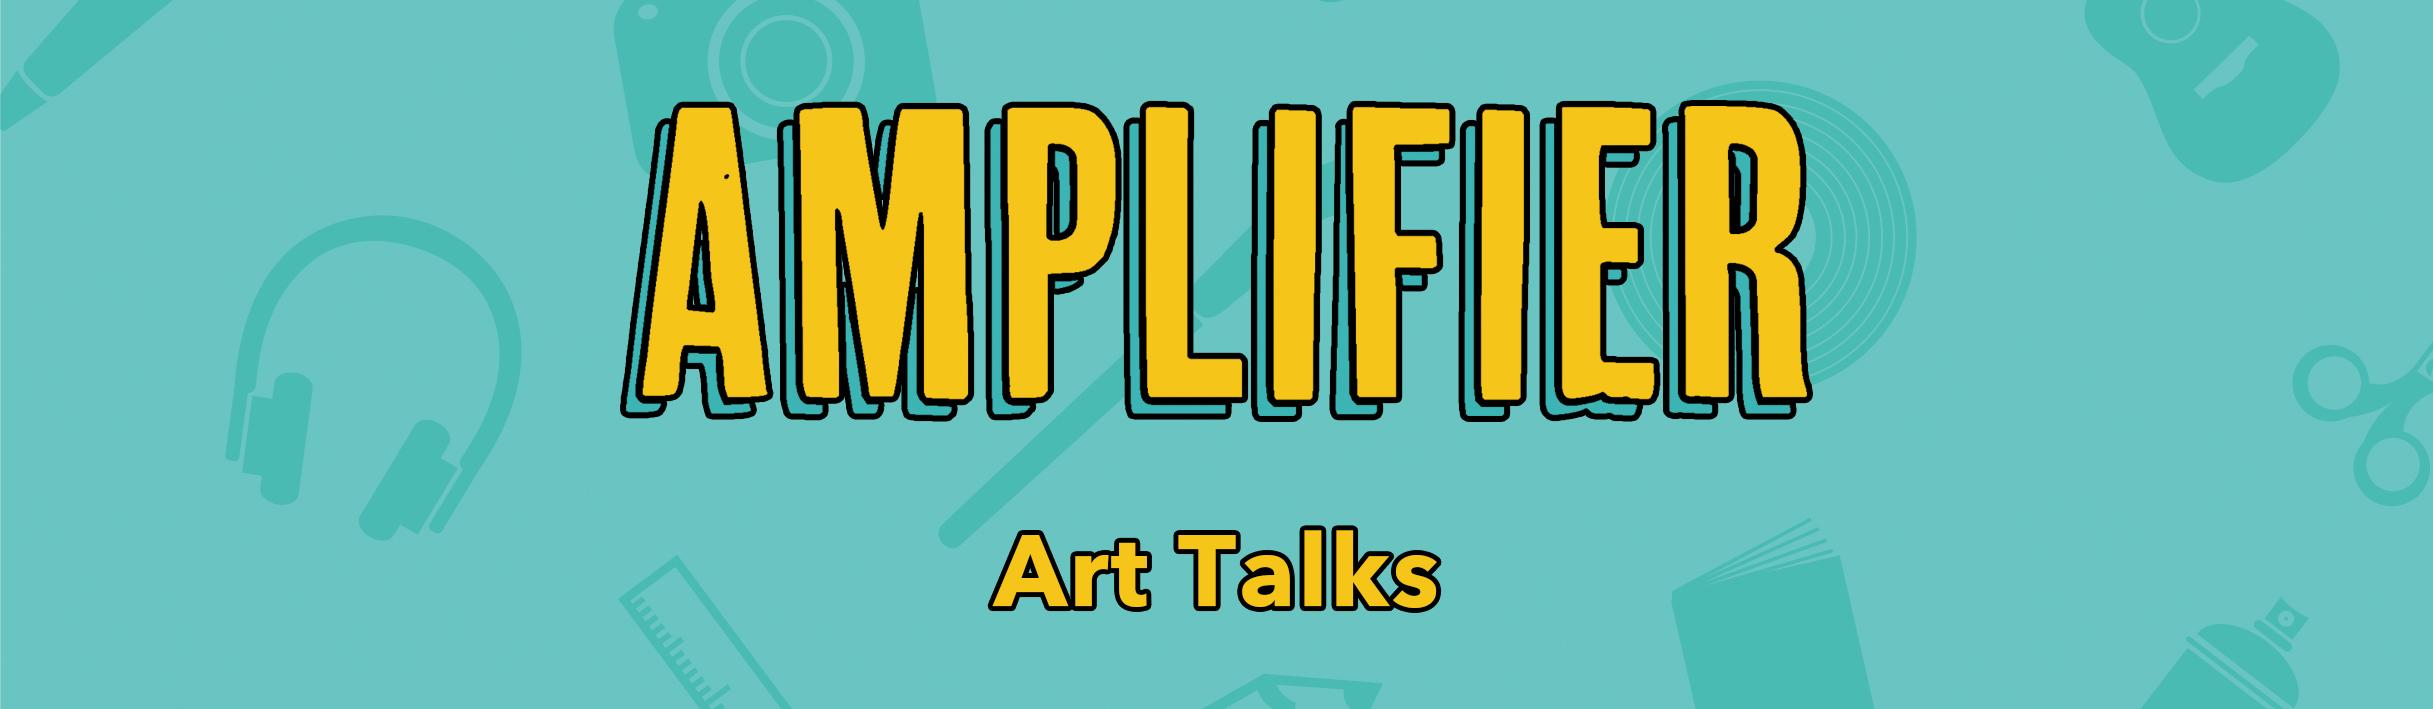 2018 amplifier header art talks.jpg